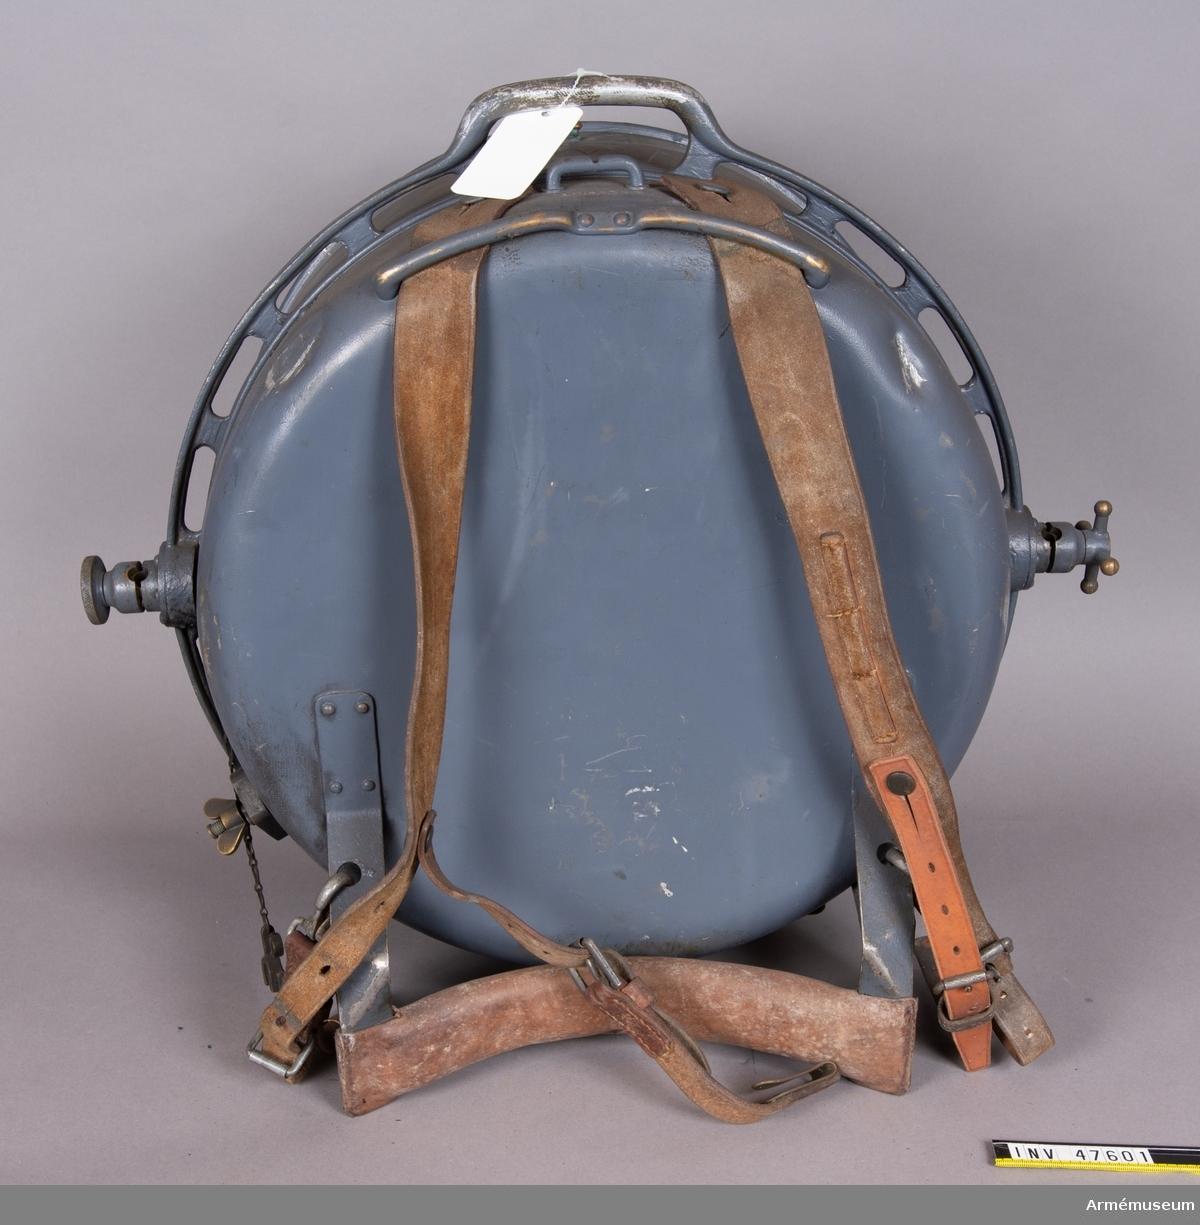 Grupp E VI. Strålkastare tillverkad av AGA med tillverkningsnummer 598. Låda för strålkastare med innehåll. Lådan innehåller fem behållare för acetylengas, fem behållare  för syrgas, gasmagasin med tillbehör, spegel med fodral, stativ  med fodral, strålkastare, väska för reservdelar innehållande  säkerhetskedja, lina för manövrering, 5 mm skruvmejsel, klonyckel, mutternyckel, skiftnyckel, sprintnyckel.